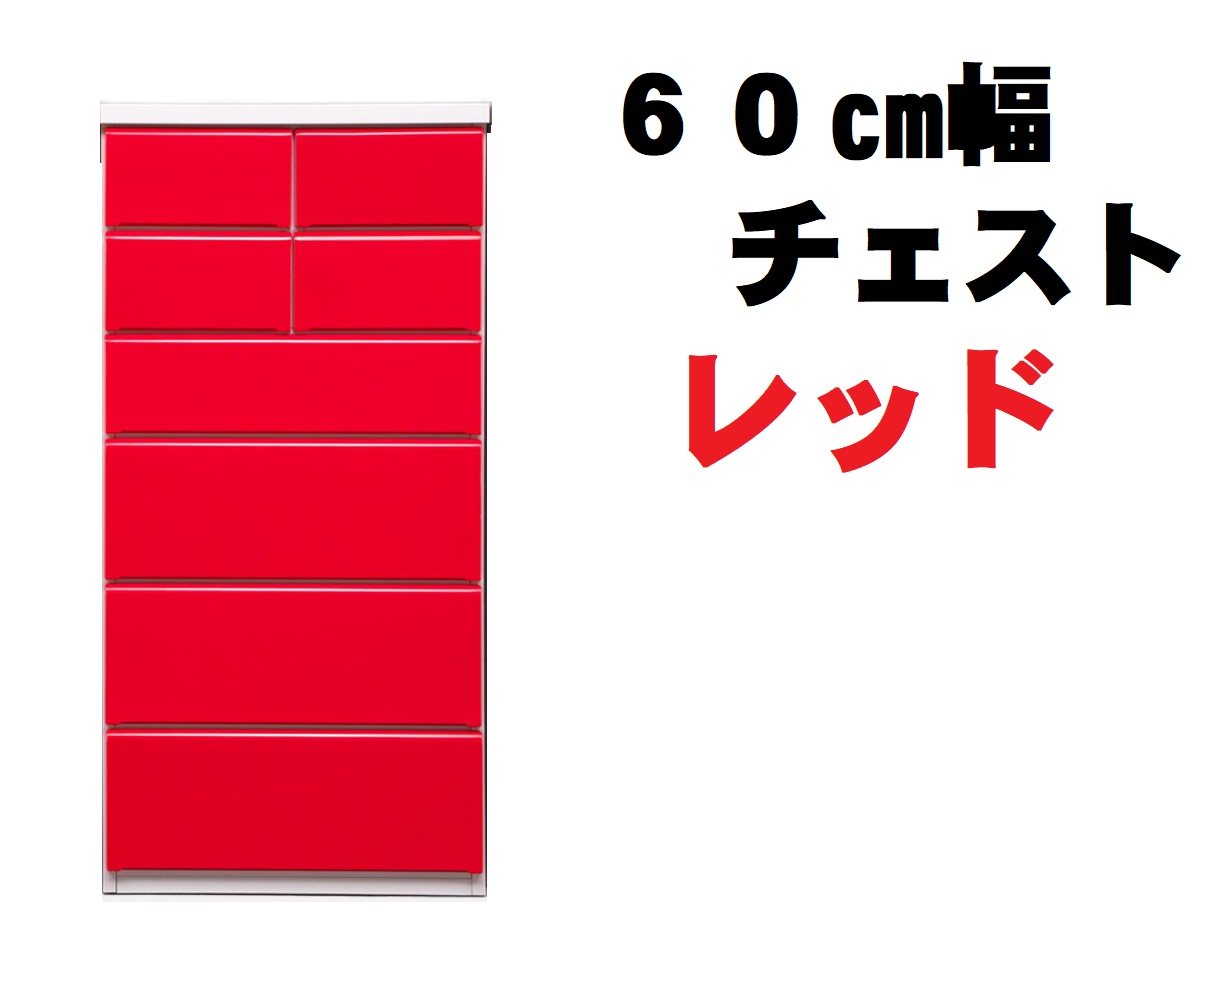 60 cm幅 6段 カラーチェスト 完成品 カラフル レッド 赤色 赤 ハイタイプ 洋服 子供 おしゃれ チェスト タンス 大容量 収納 北欧 可愛い 家具【送料無料】